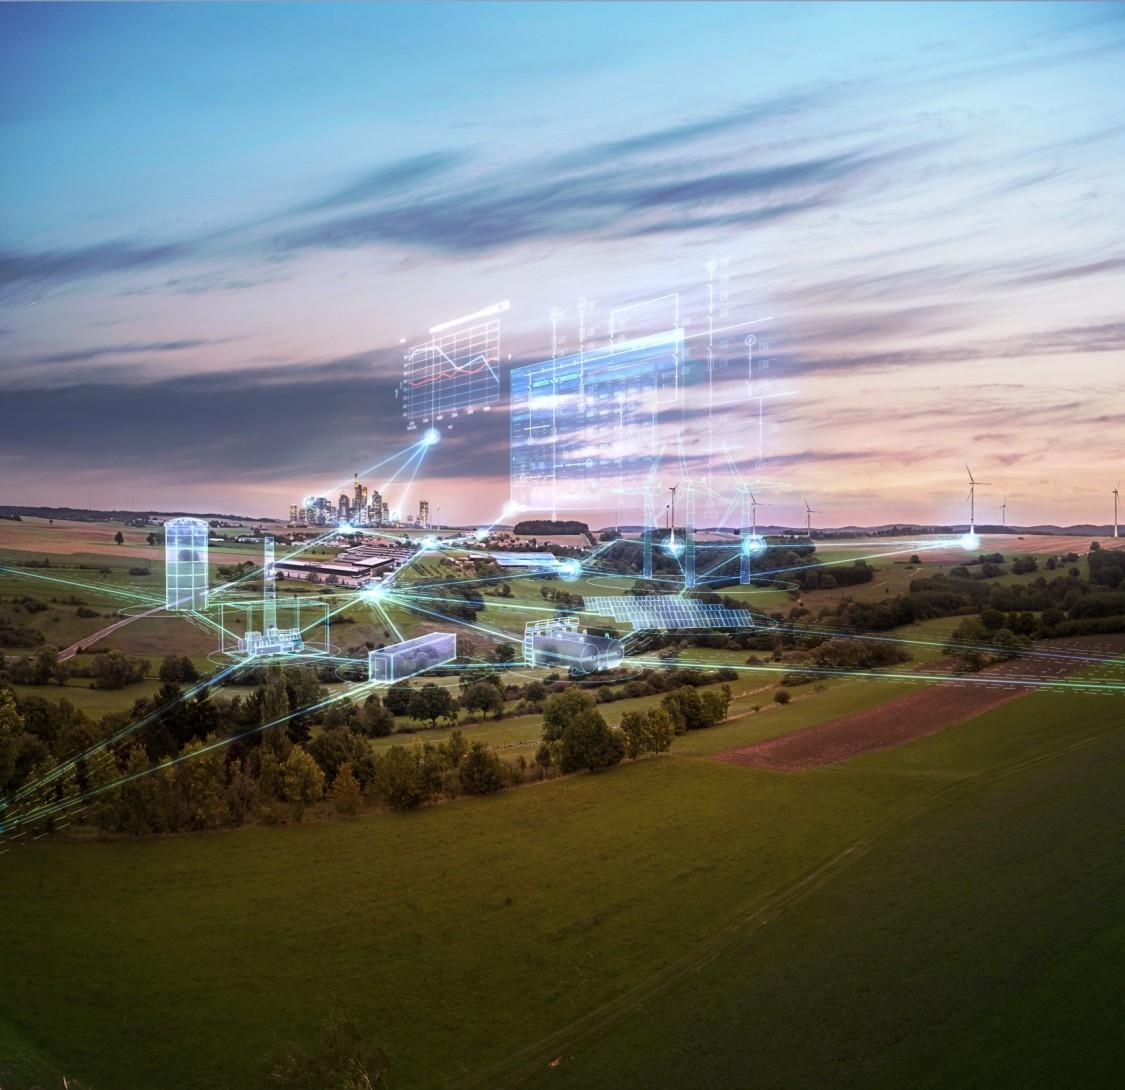 Planung von dezentralen Energiesystemen